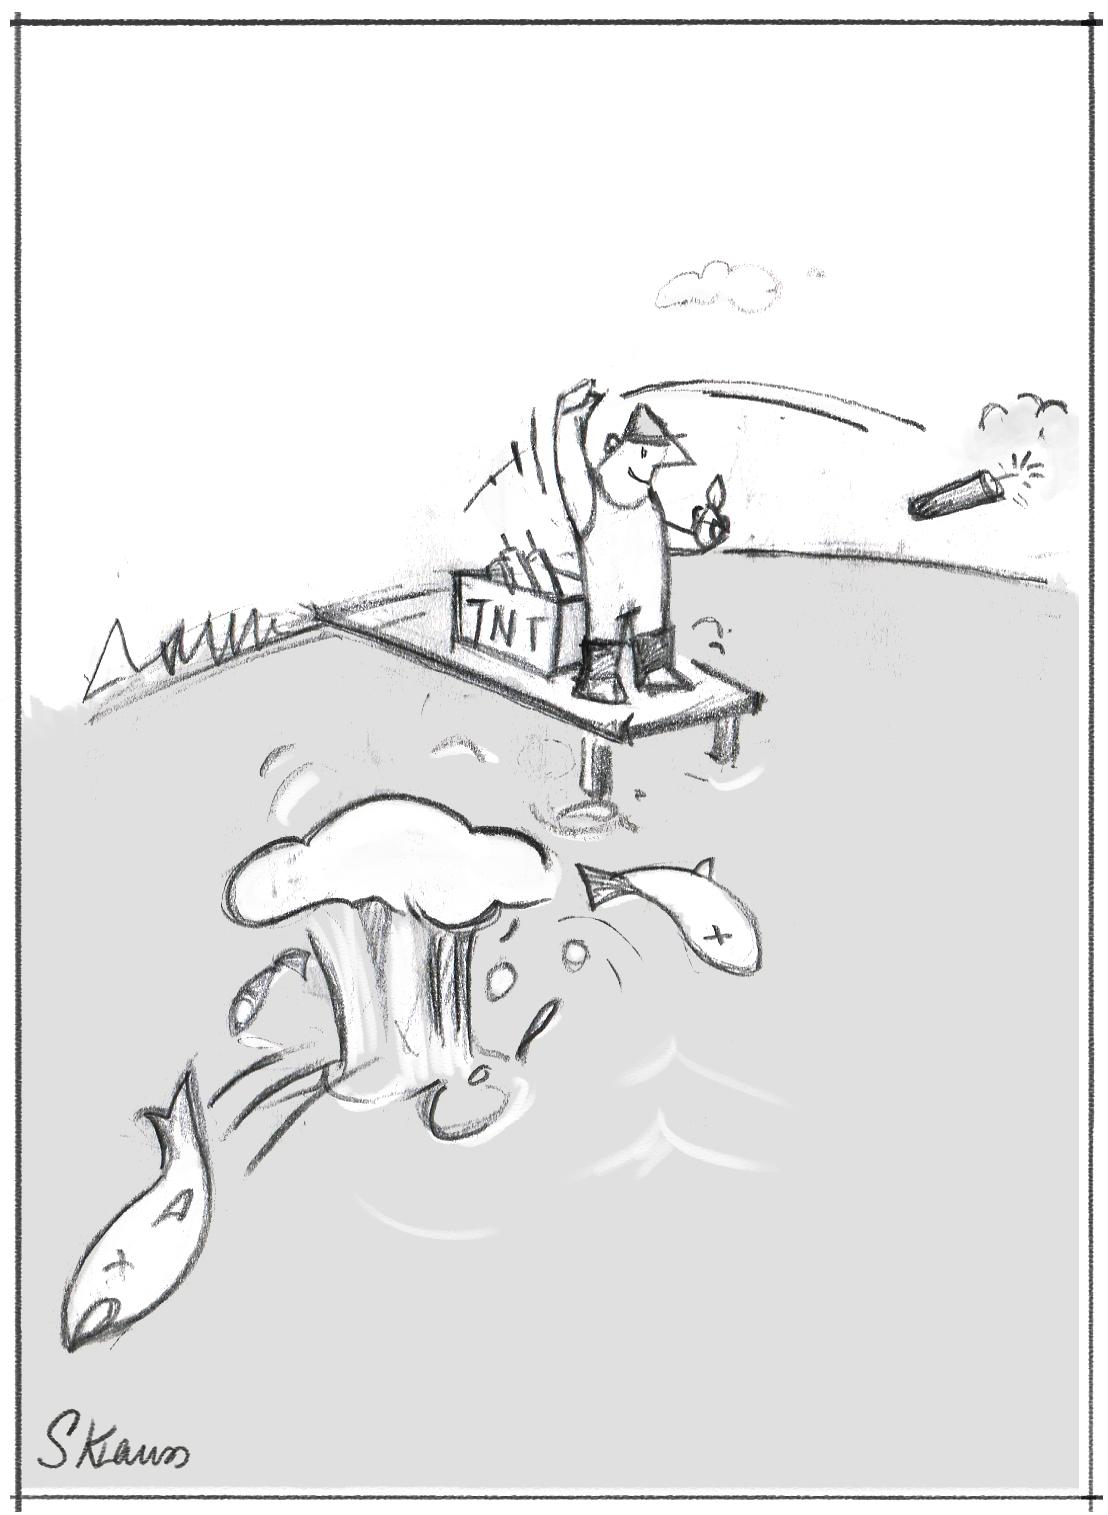 Das Bild illustriert Personalauswalt mit Brachialmethoden. Es zeigt einen Angler, der mit Dynamit fischt. Ist so wie Eignungsdiagnostik mit endlosen Serien von Interviews, Stressinterviews oder AssessmentCenter mit  Übungen, die die Bewerberinnen und Bewerber unangemessen unter Druck setzen.